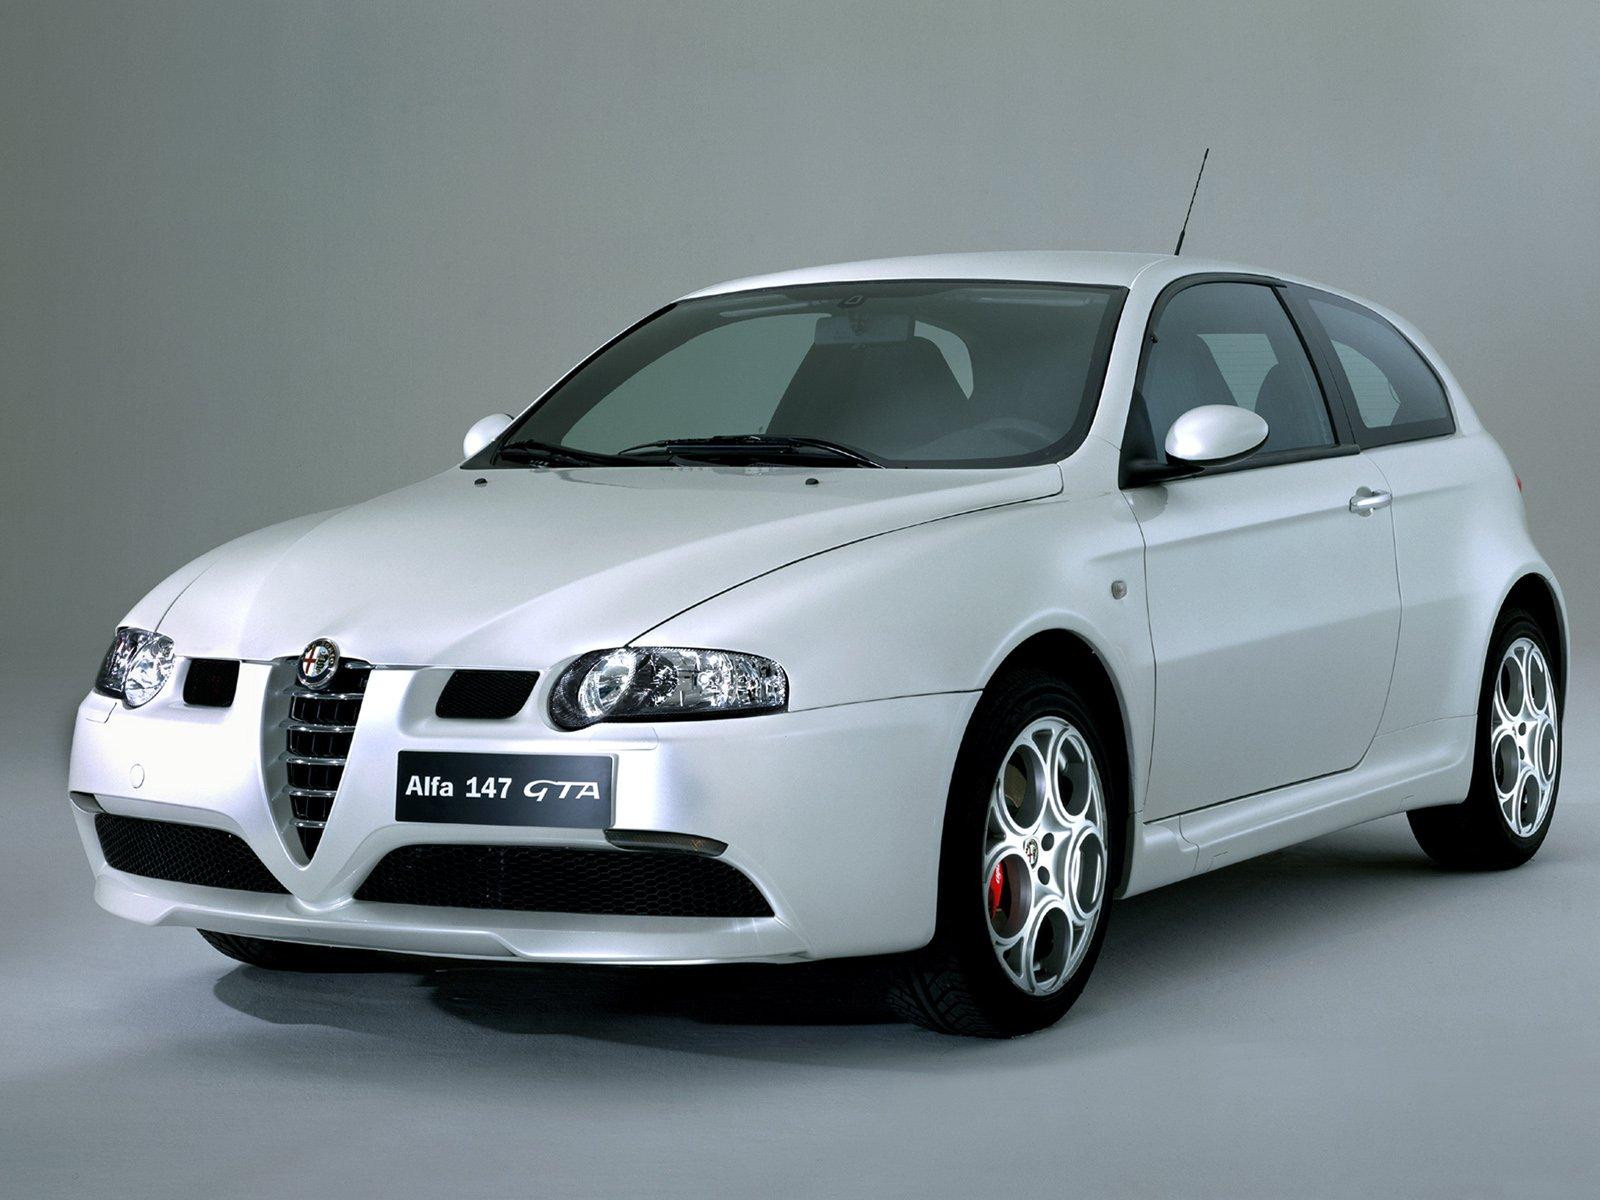 Le prix moyen d?une Alfa Romeo 147 neuf commercialisé est de 22506